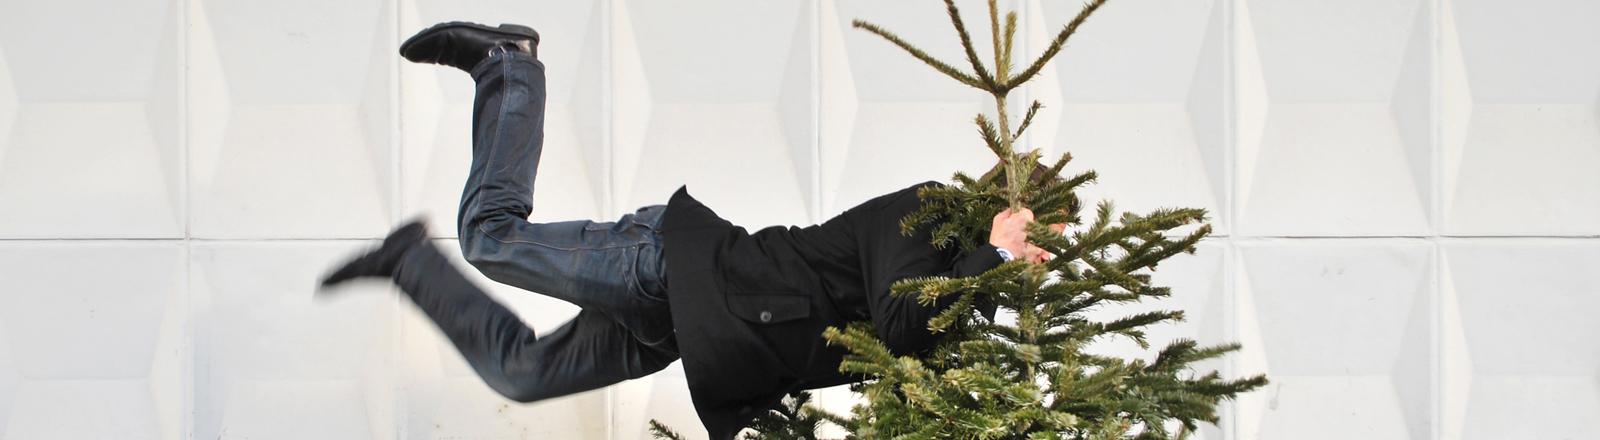 Ein Mann hät sich an einem Weihnachtsbaum fest